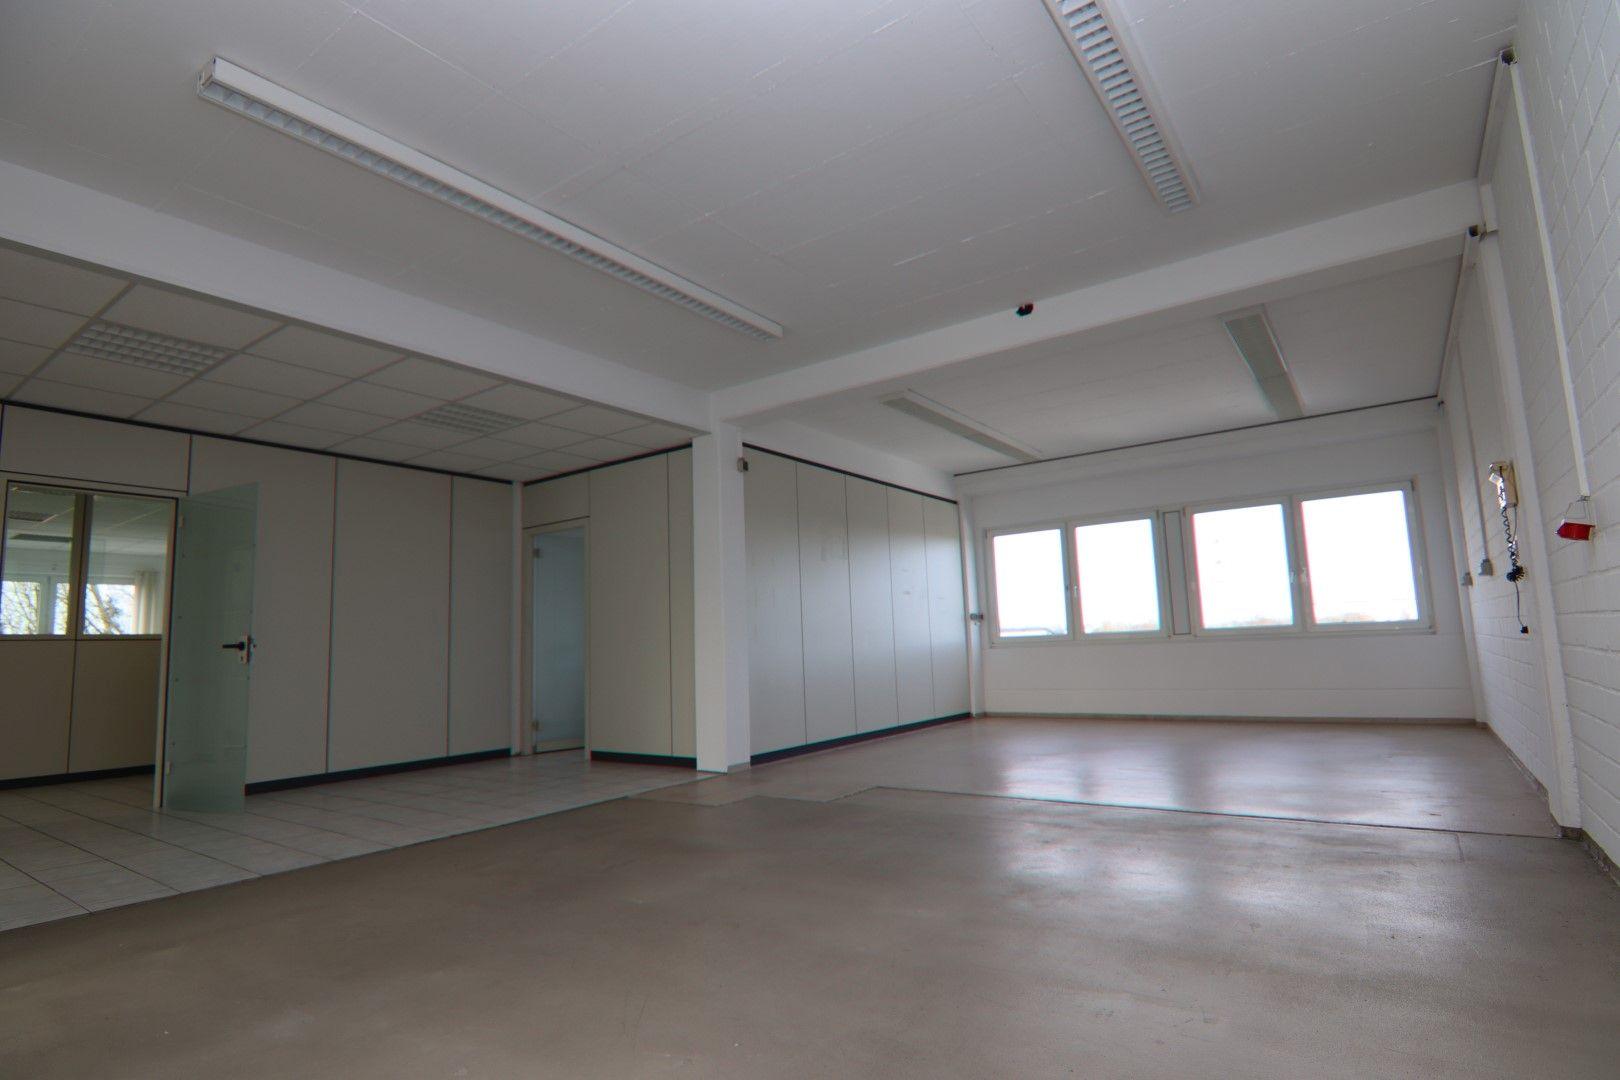 Immobilie Nr.0295 - Bürofläche mit WC-Anlage, Küche u. Aufzug - Bild 5.jpg